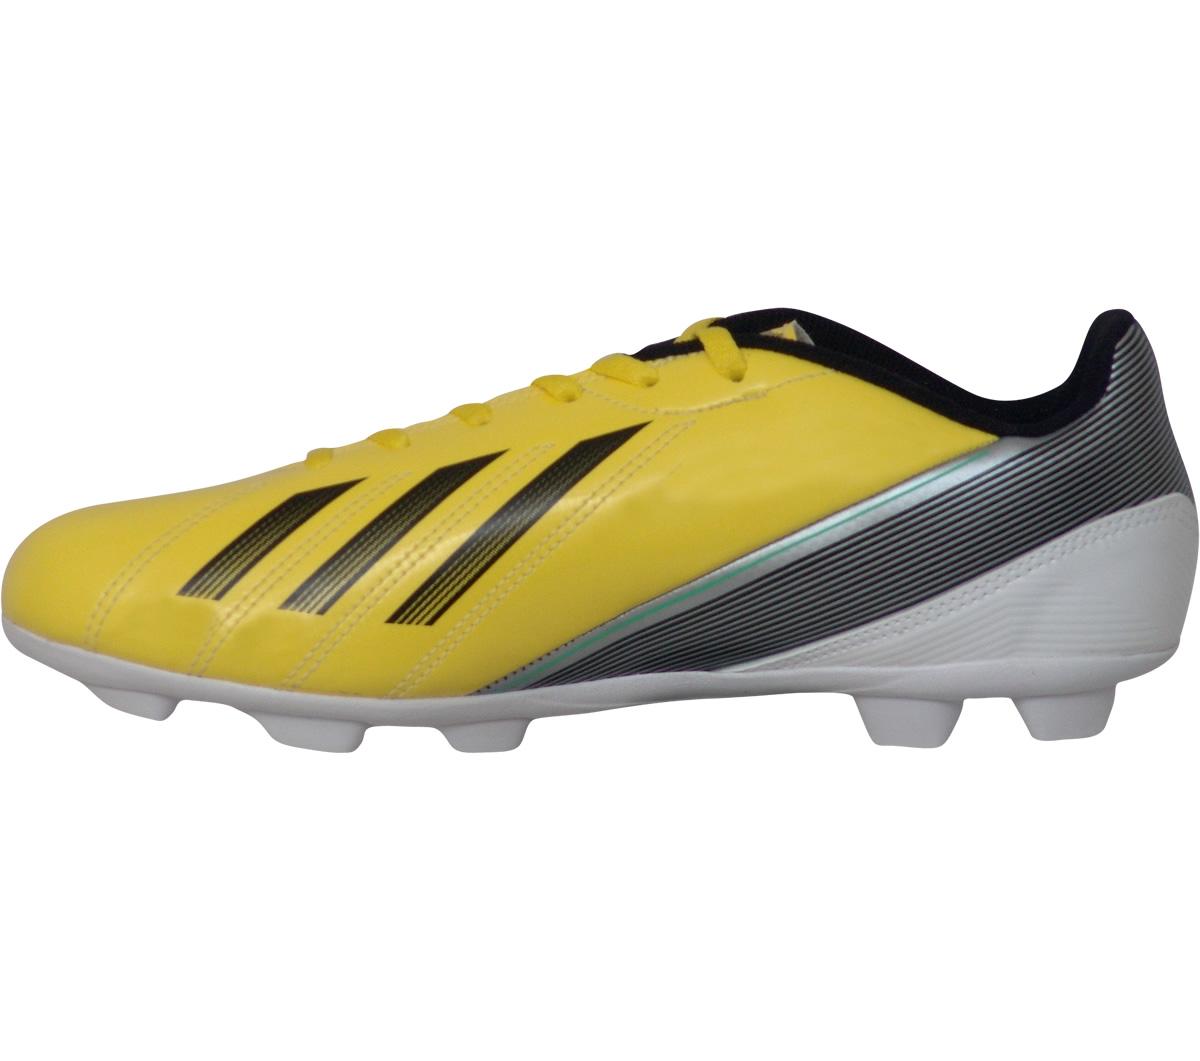 707173e4e5f6d Chuteira Adidas F5 TRX Campo Infantil Amarela e Preta - Mundo do Futebol